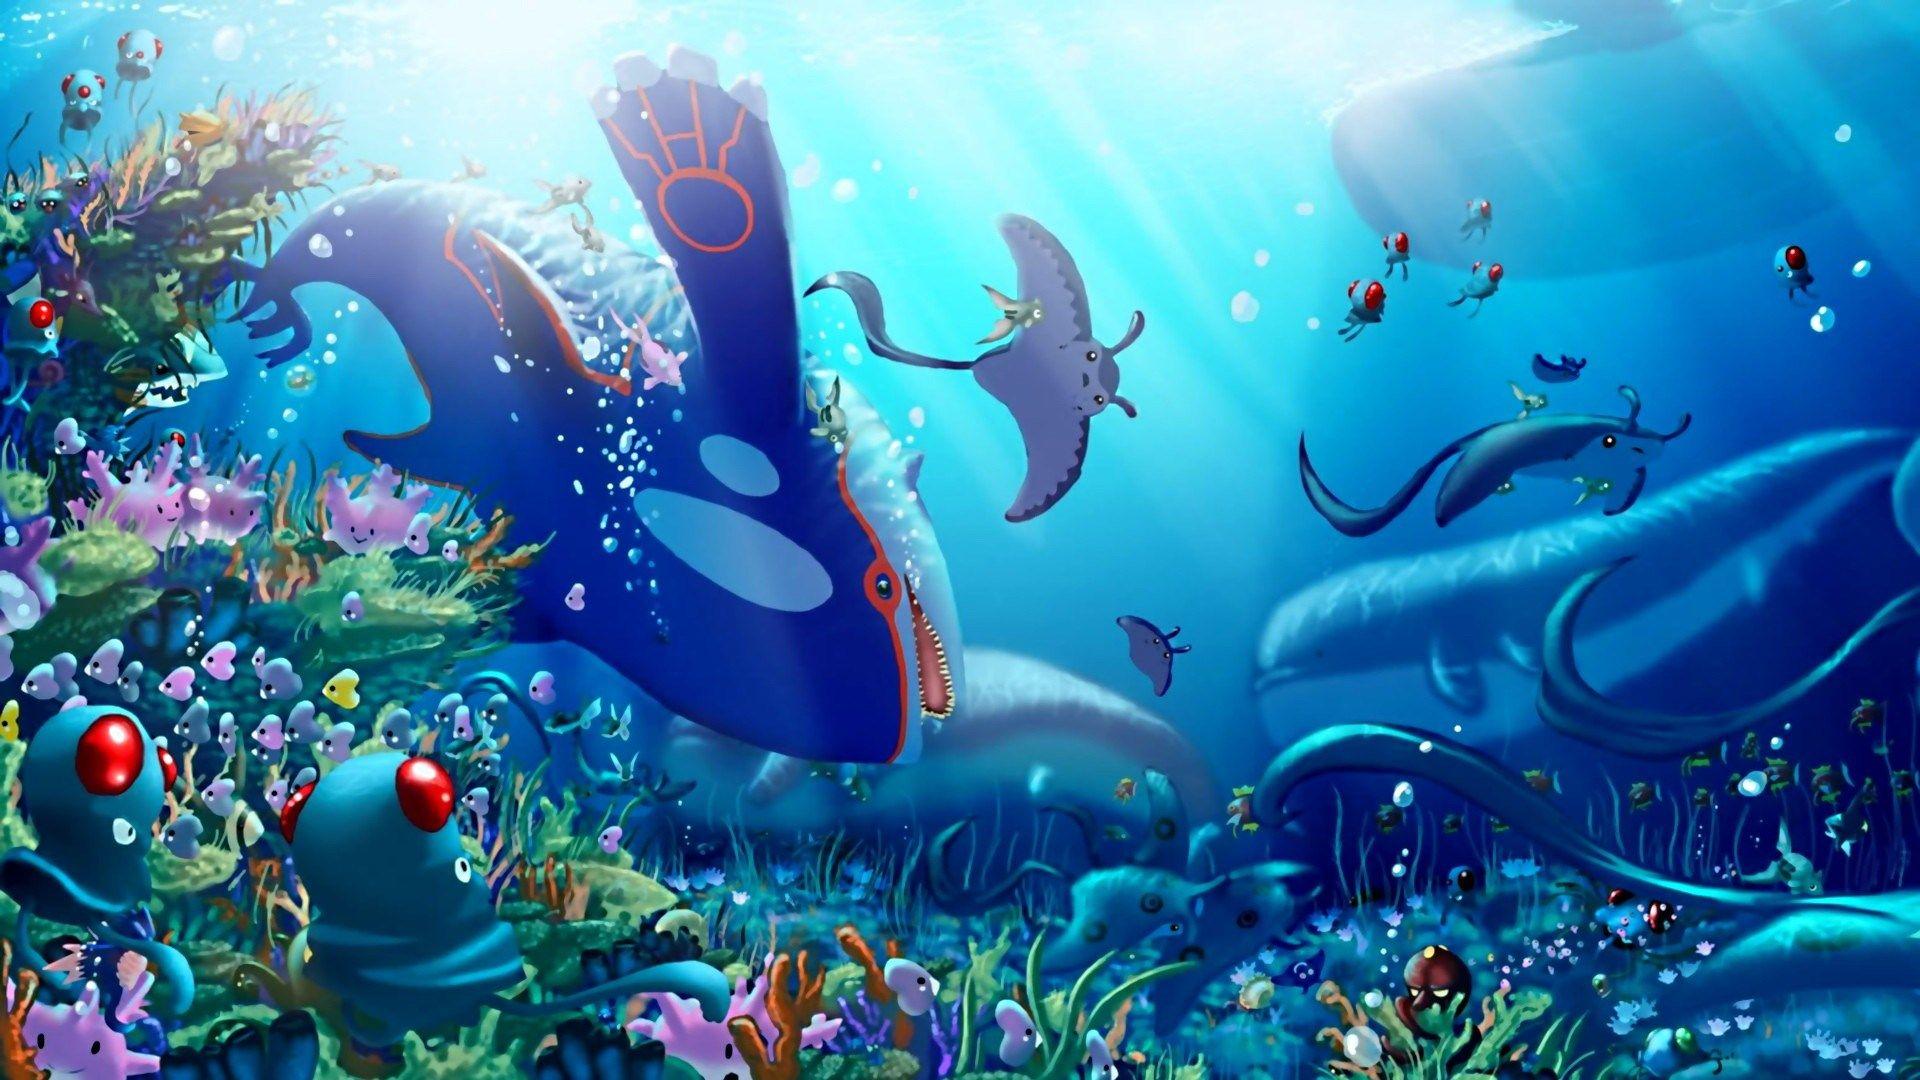 Cool Blue Sea Pokemon Wallpapers Hd Cool Pokemon